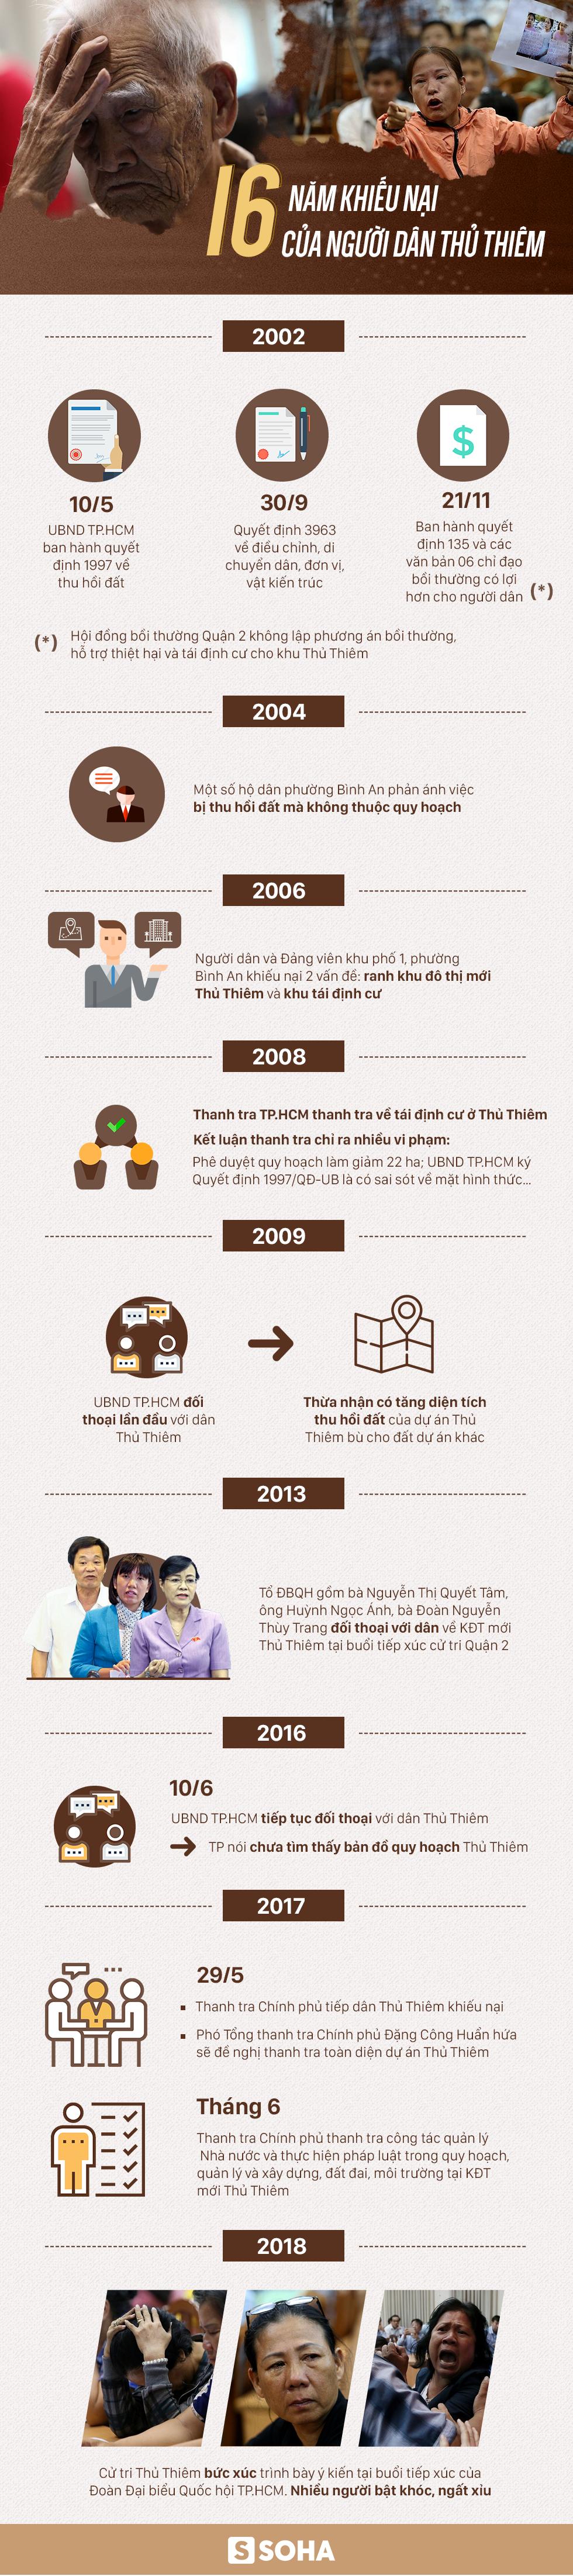 Infographic: 16 năm khiếu nại của người dân Thủ Thiêm - Ảnh 1.